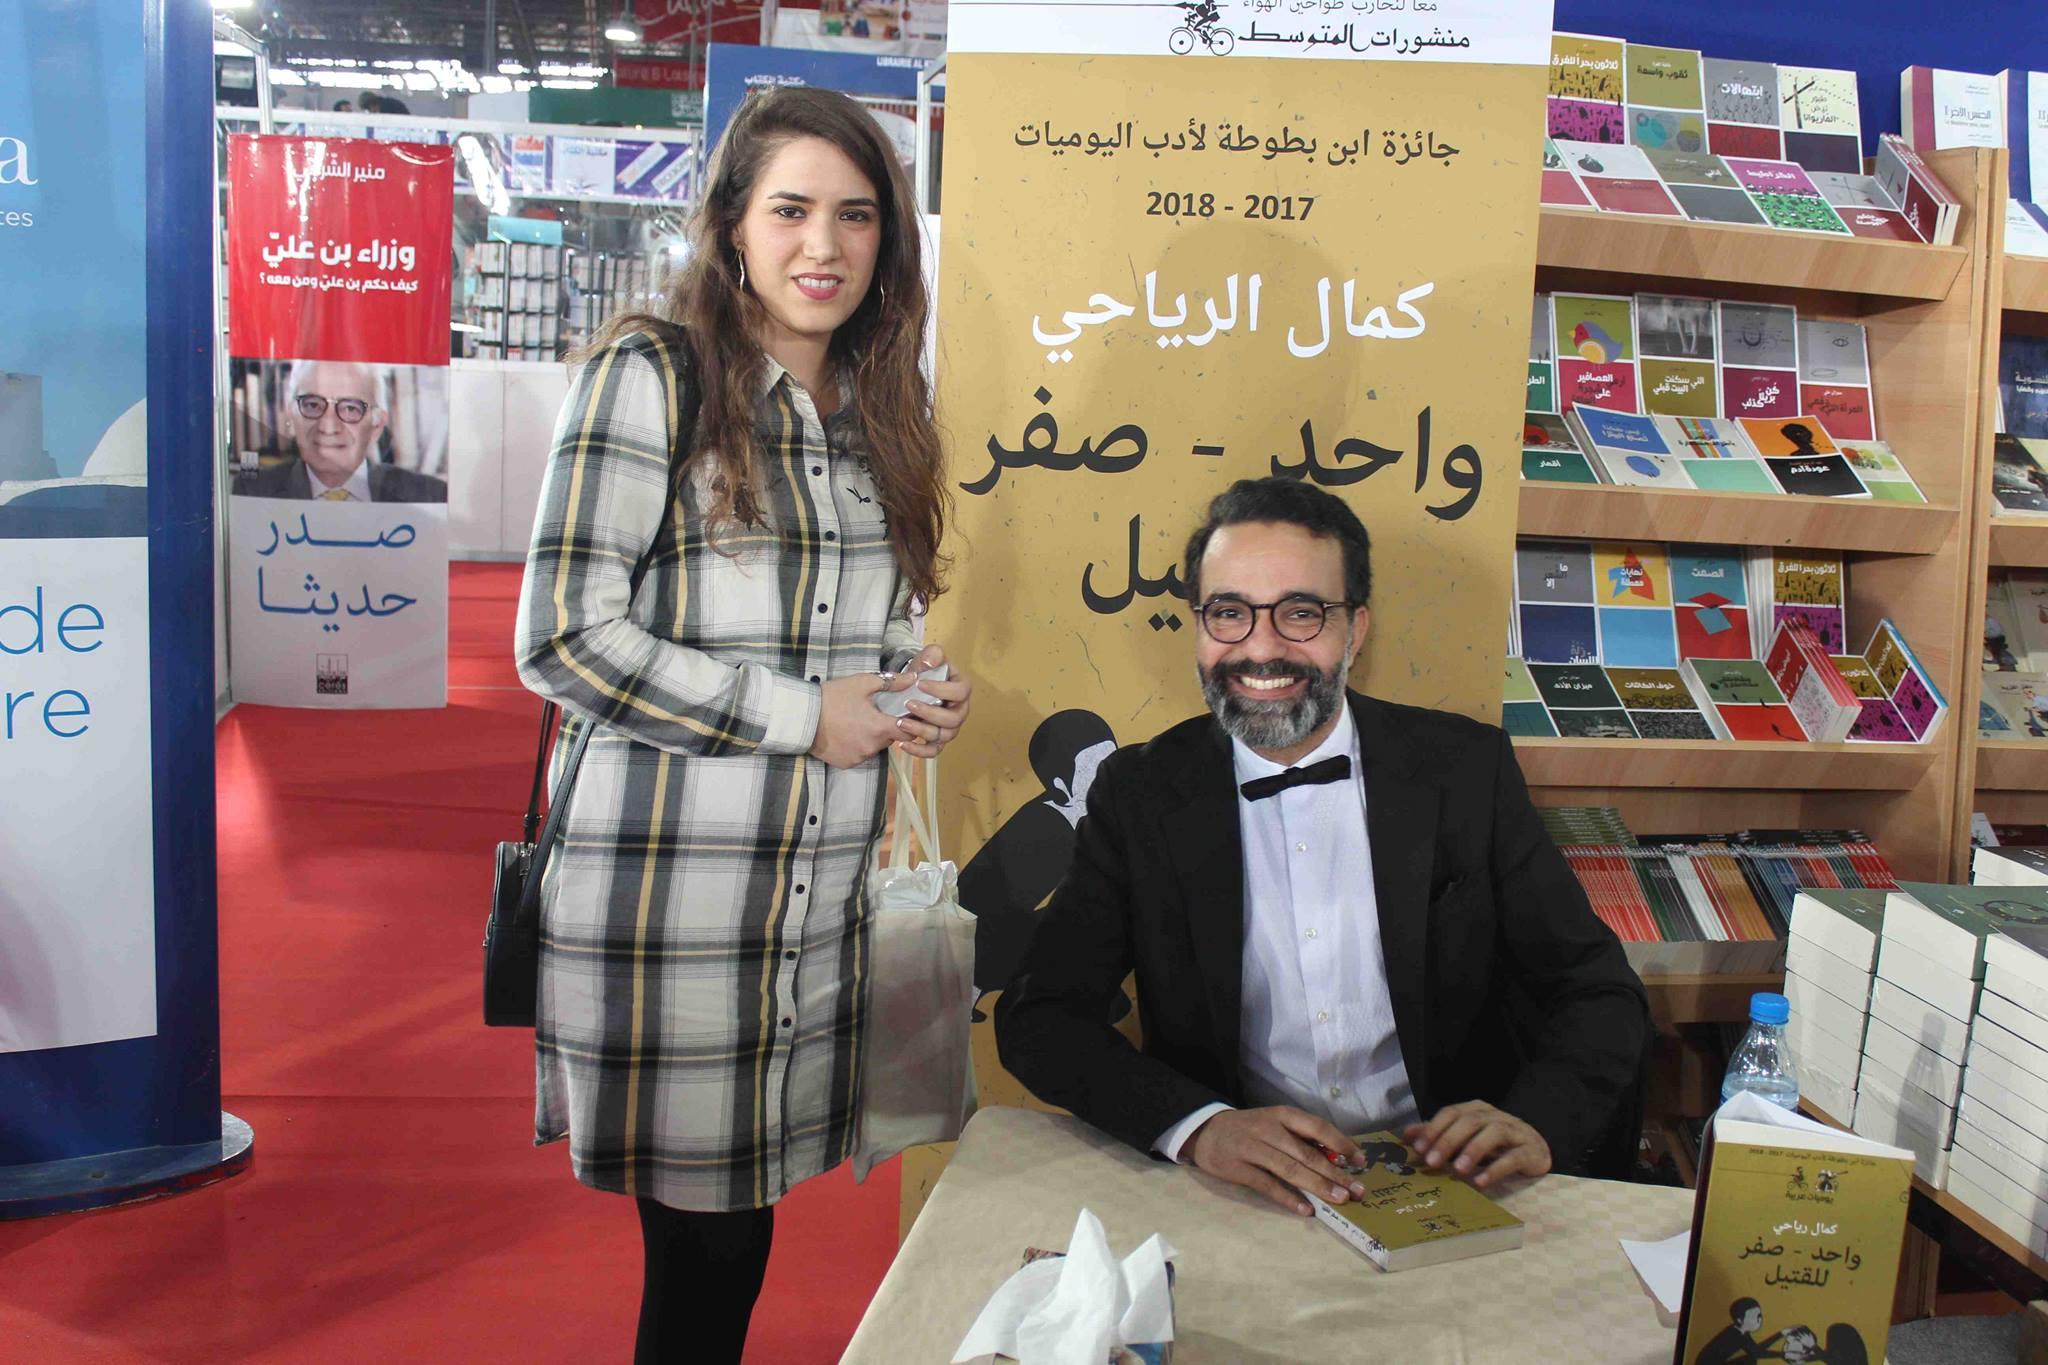 كمال الرياحى يوقع كتابه واحد صفر للقتيل الفائز بجائزة ابن بطوطة فى معرض تونس (5)